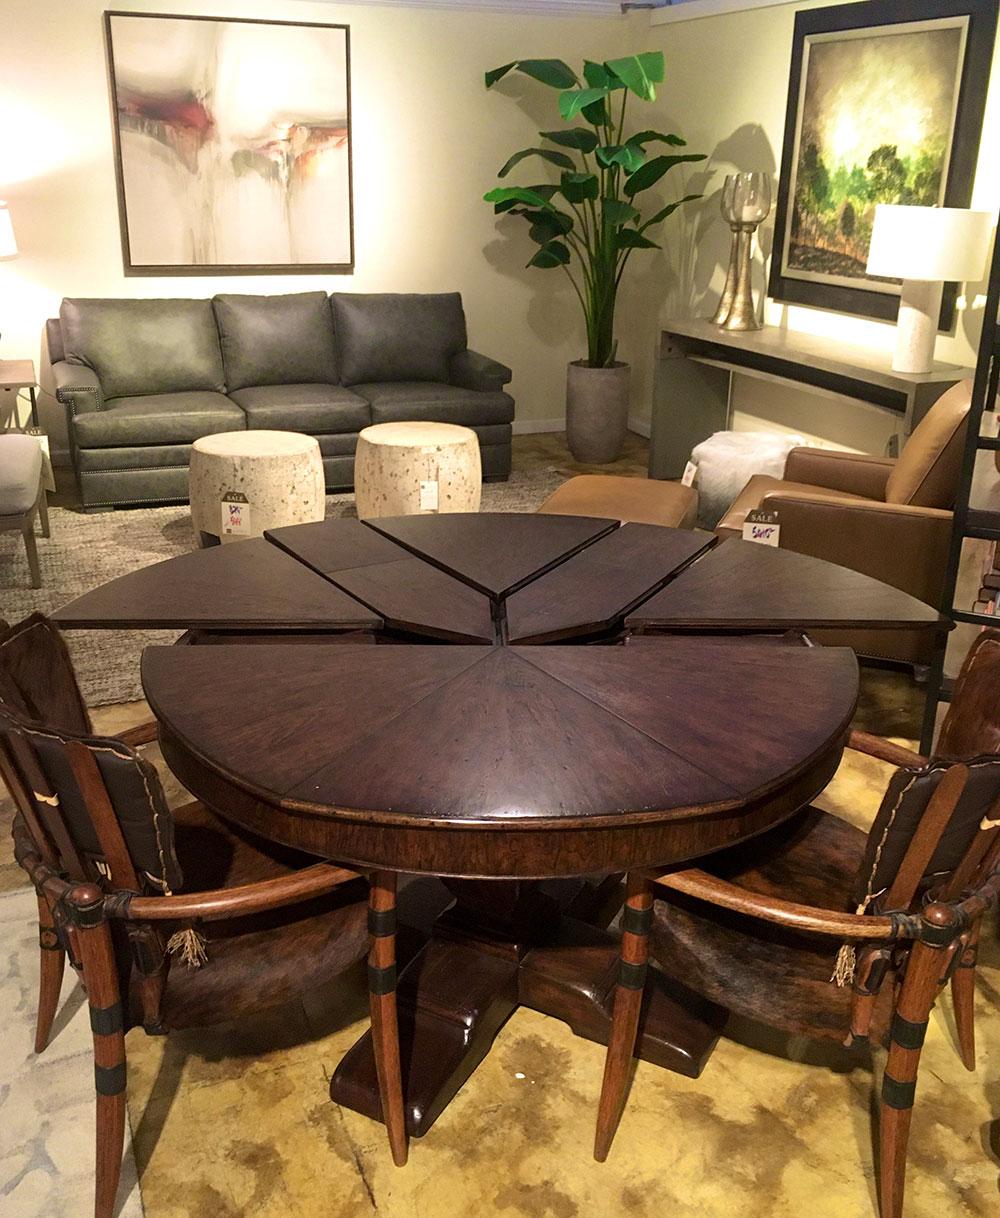 jupe-table.jpg